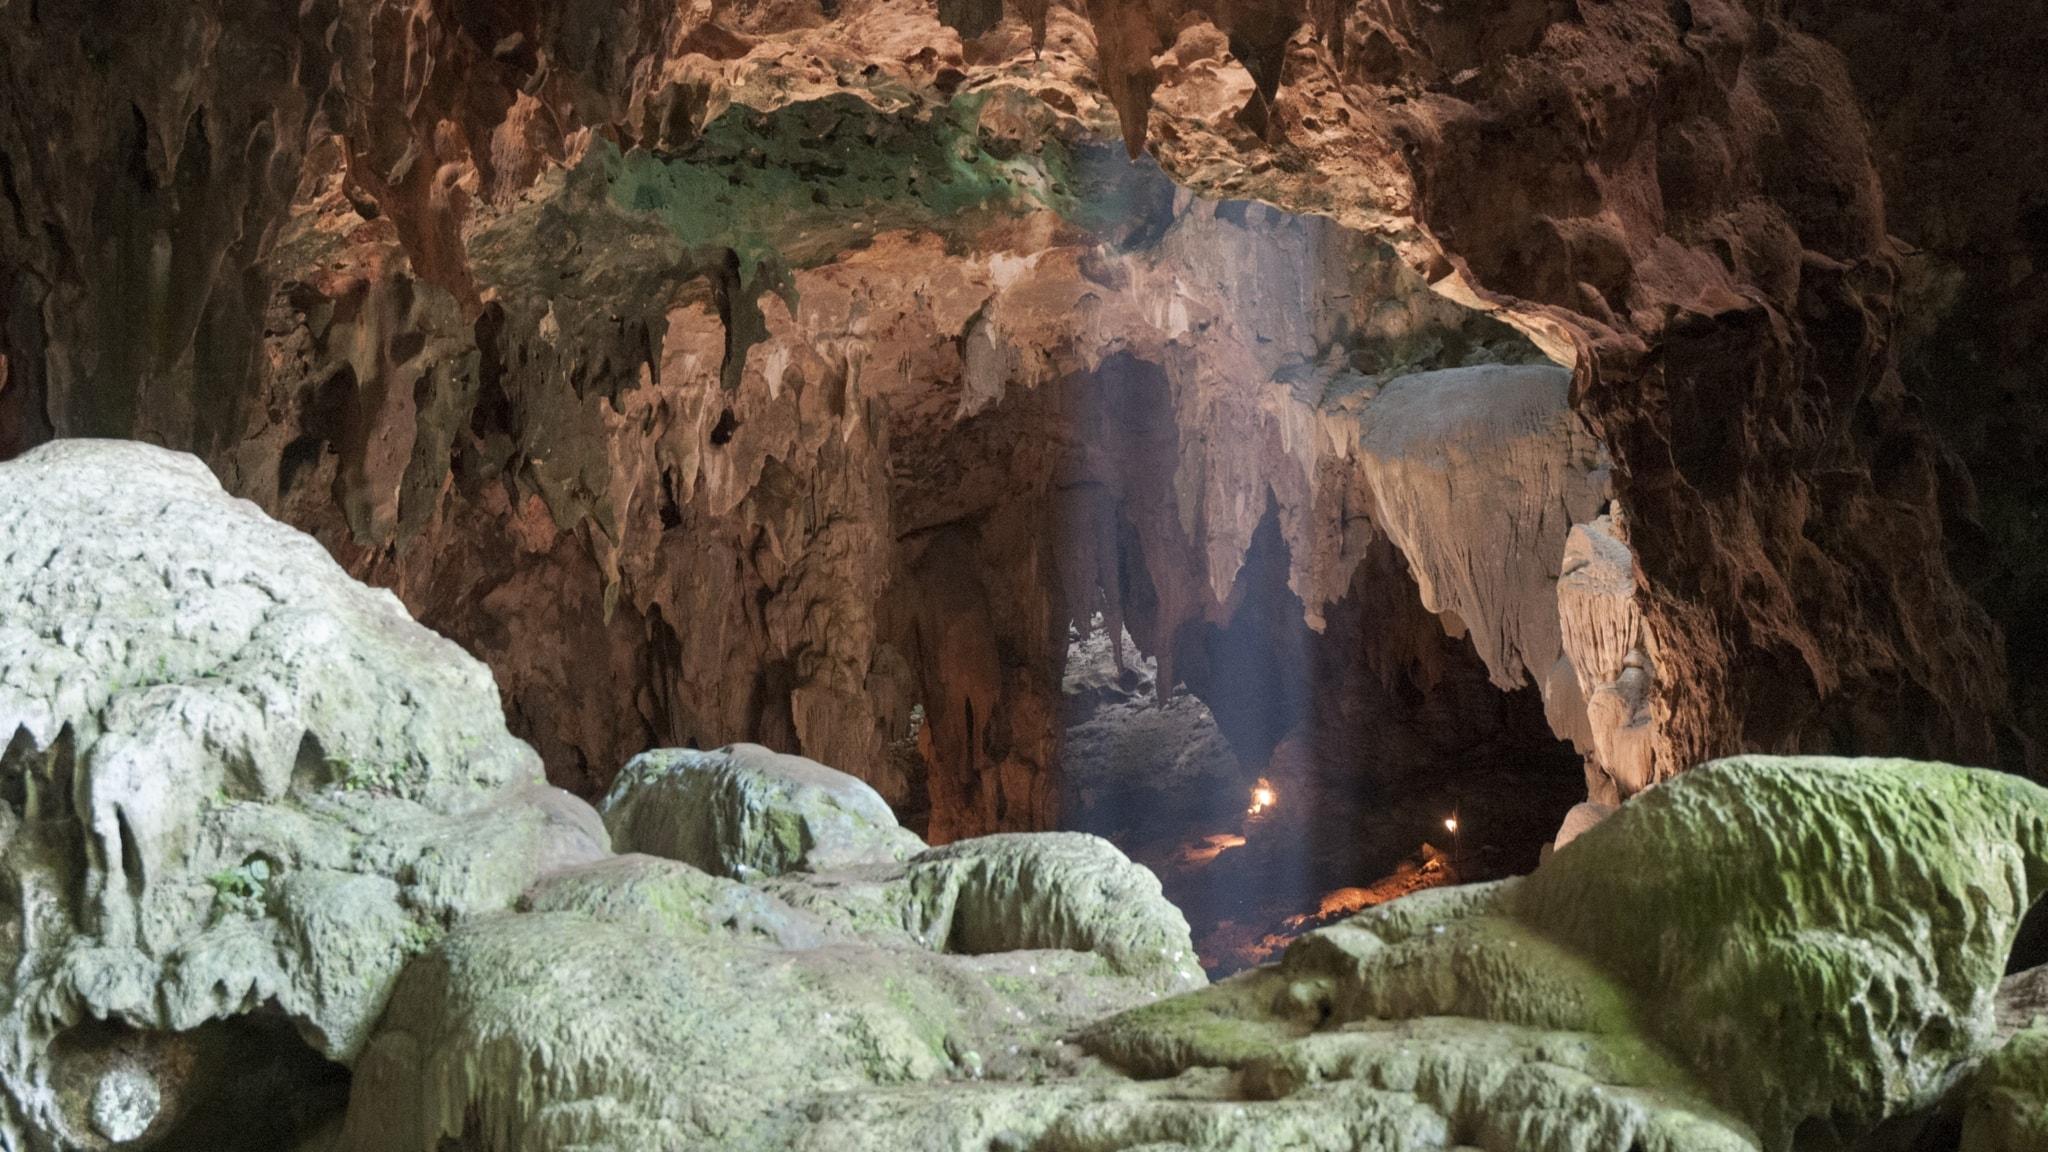 En otillgänglig grotta med stenig mark och tak med vassa utstickande stenar